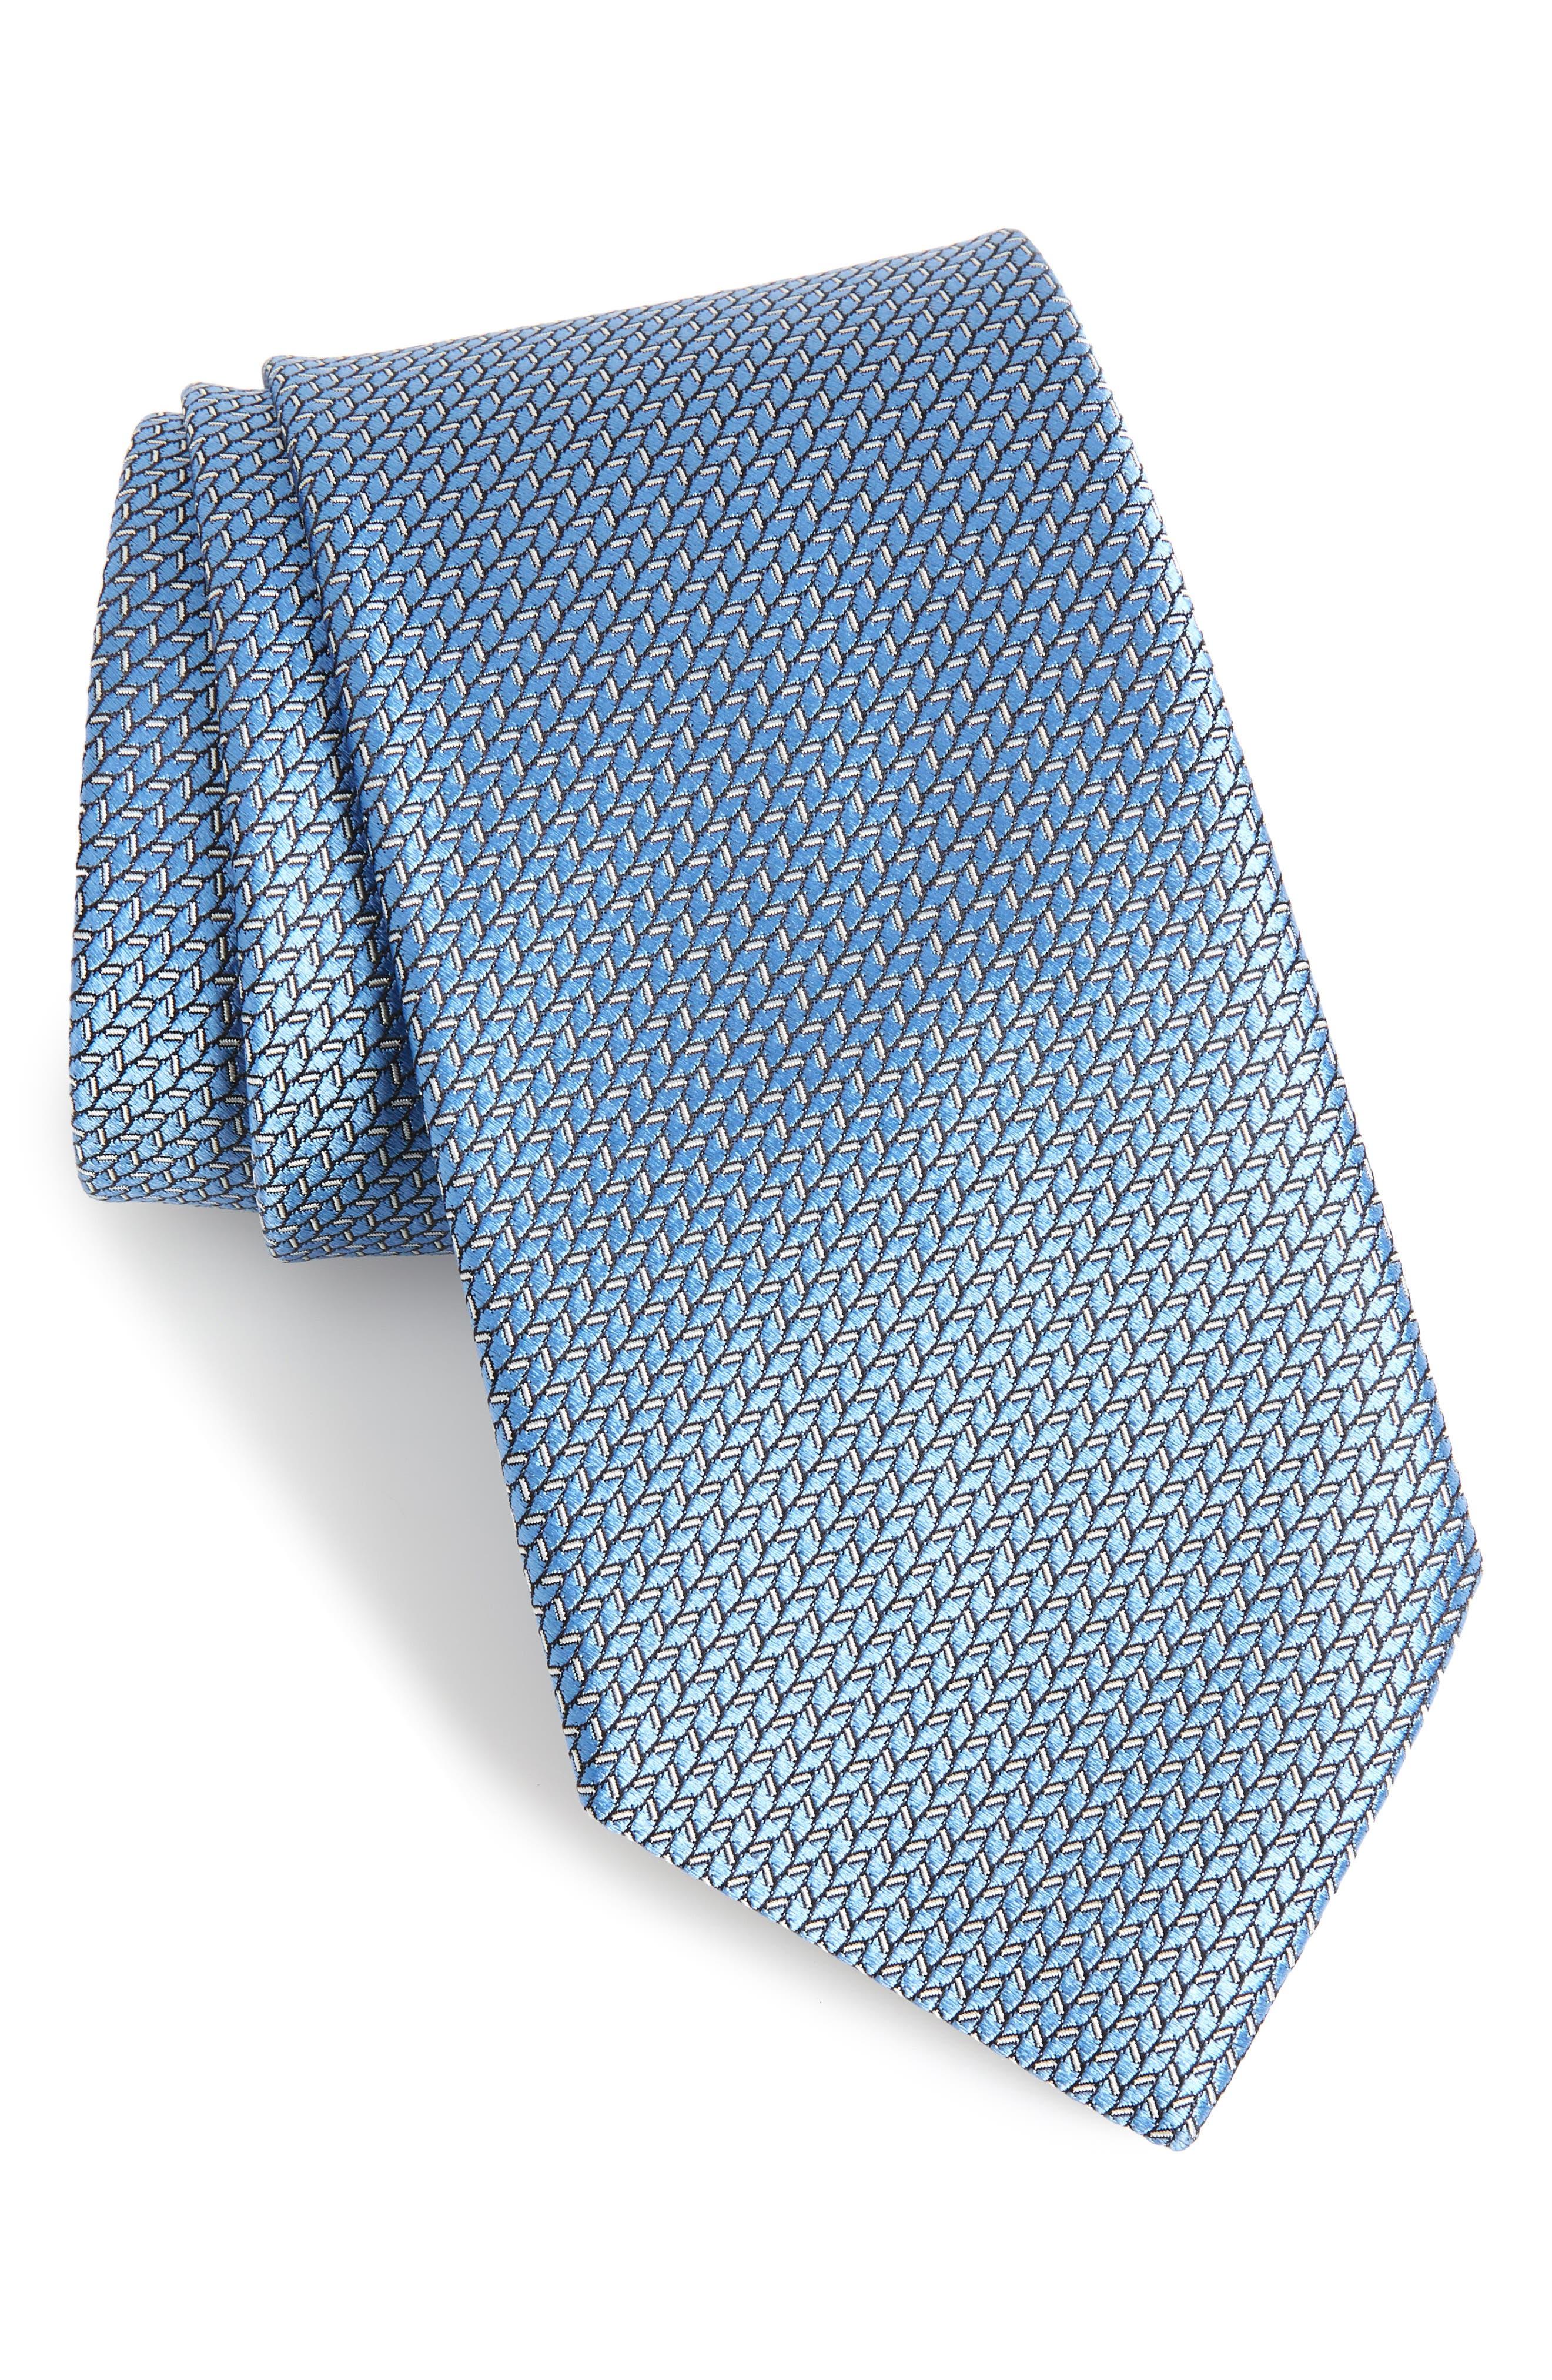 Ermengildo Zegna Herringbone Silk Tie,                         Main,                         color, BLUE